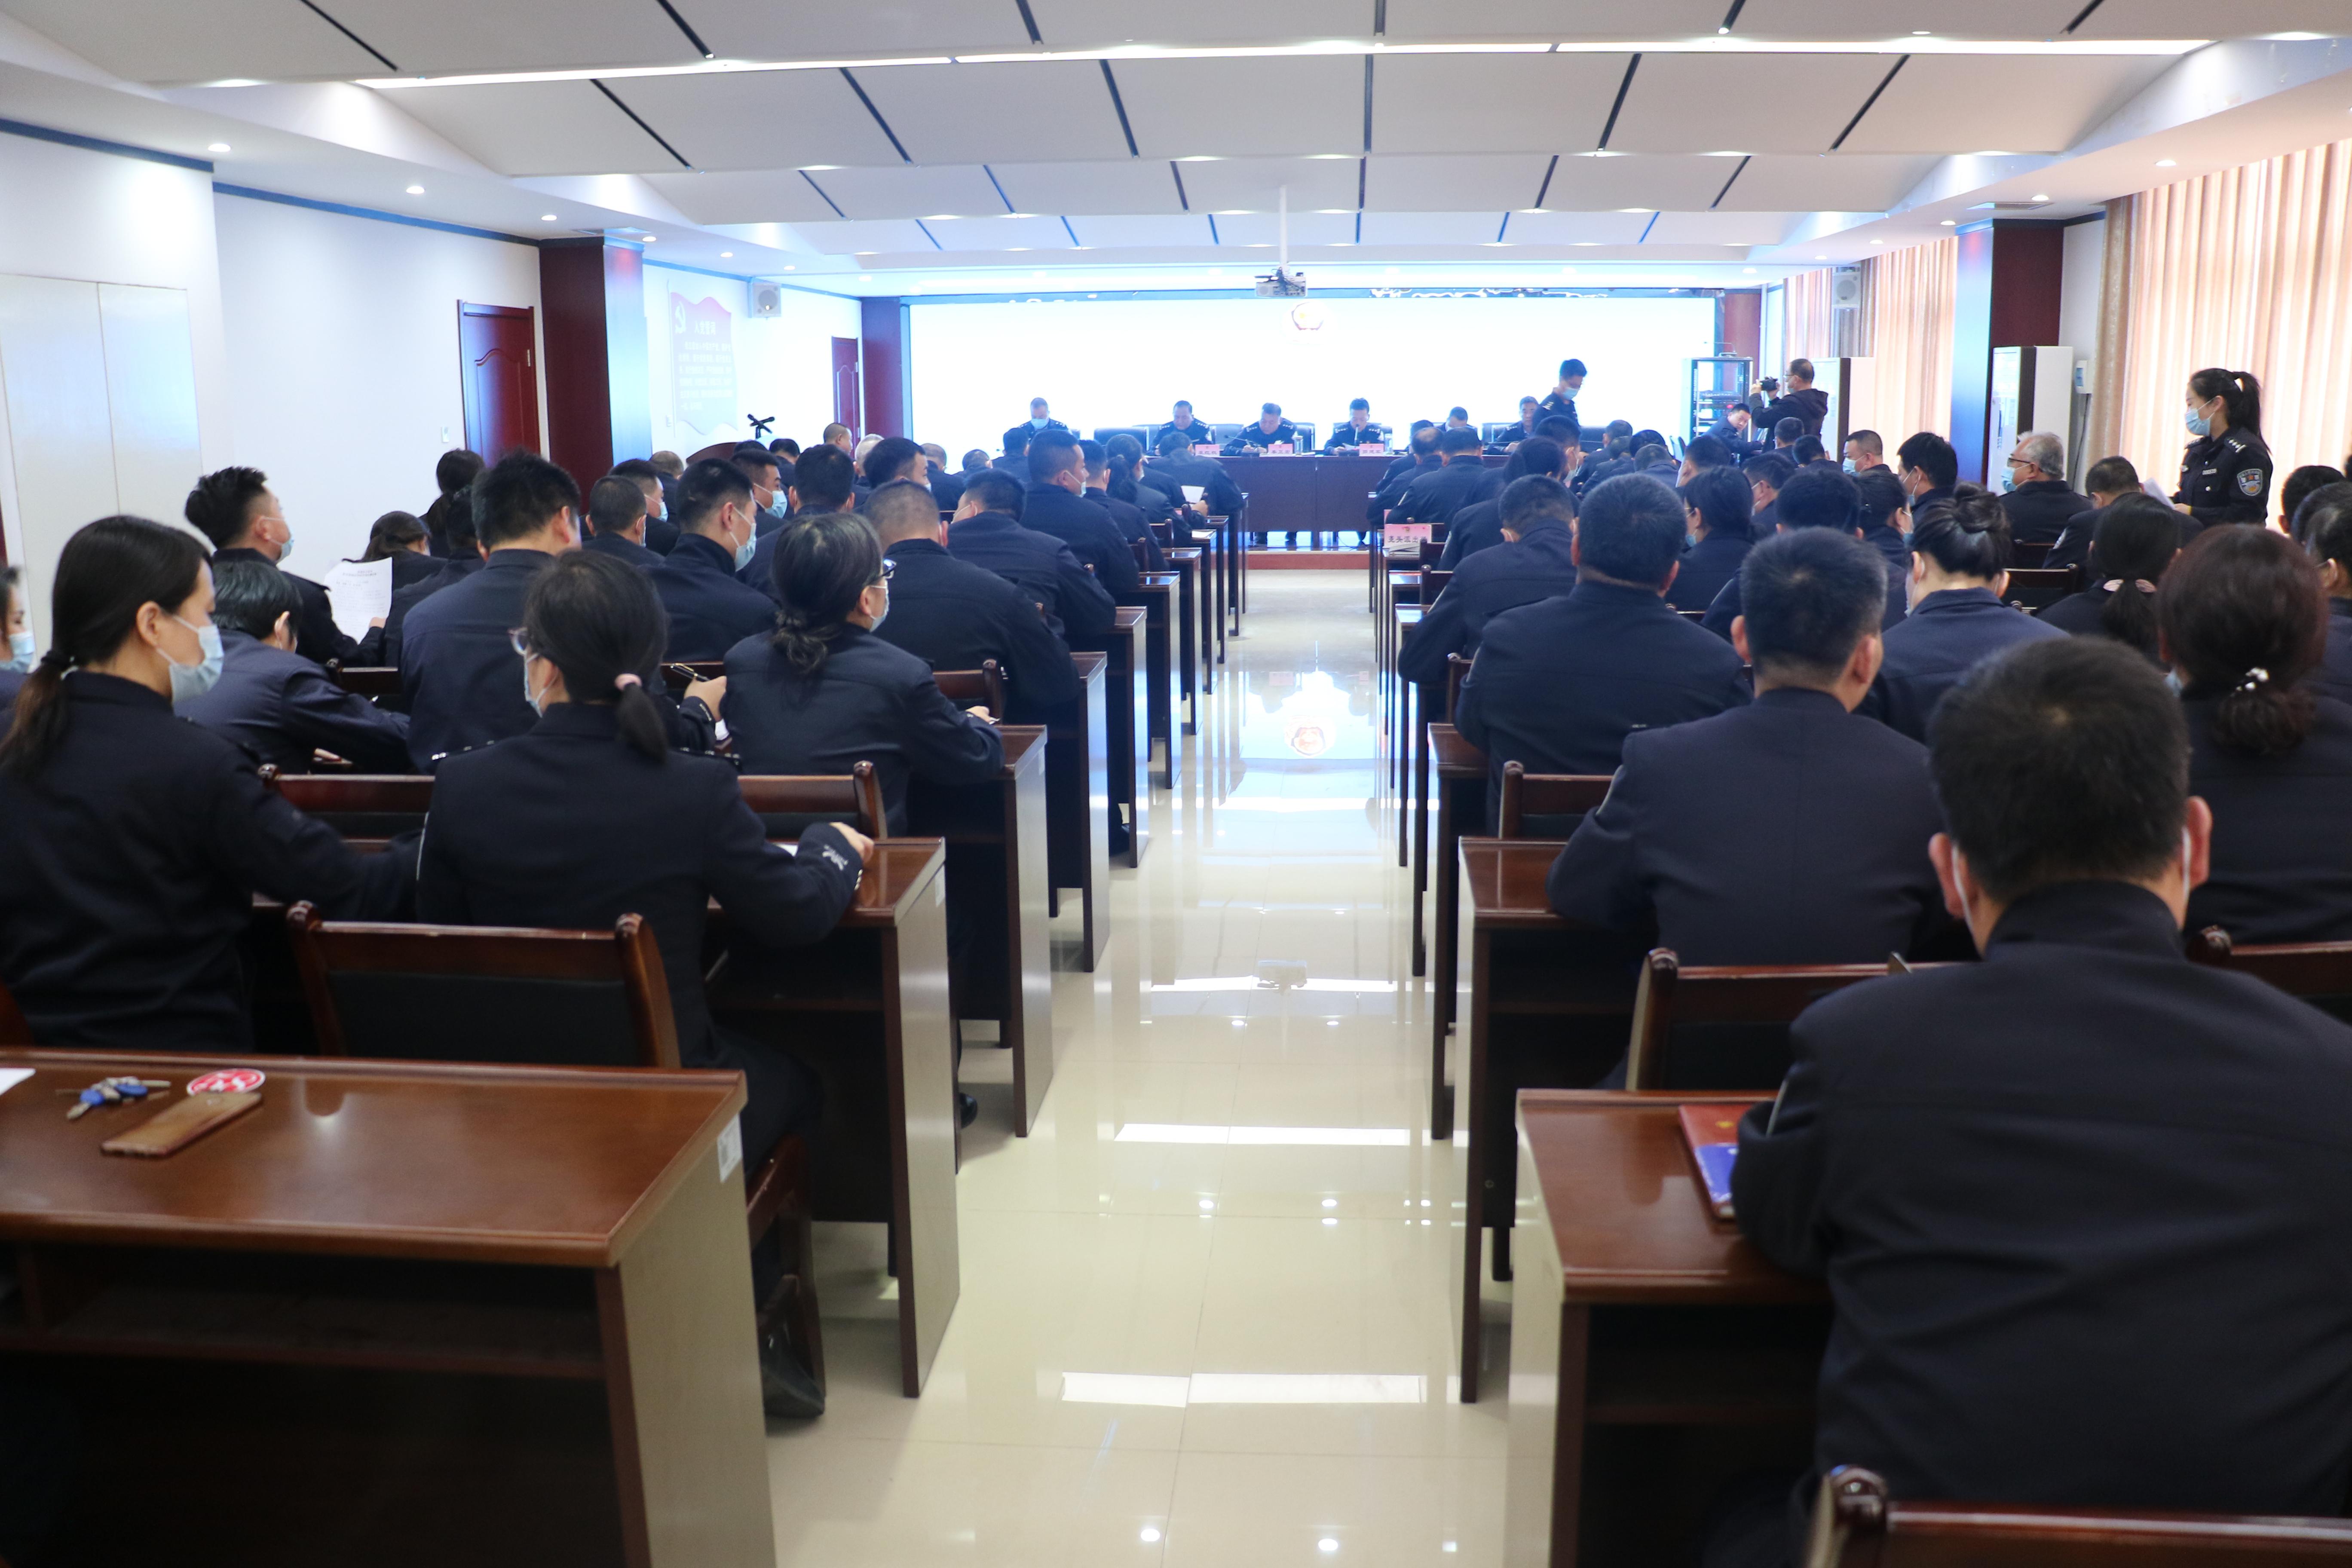 【教育整顿】澄城县公安局召开队伍教育整顿推进会